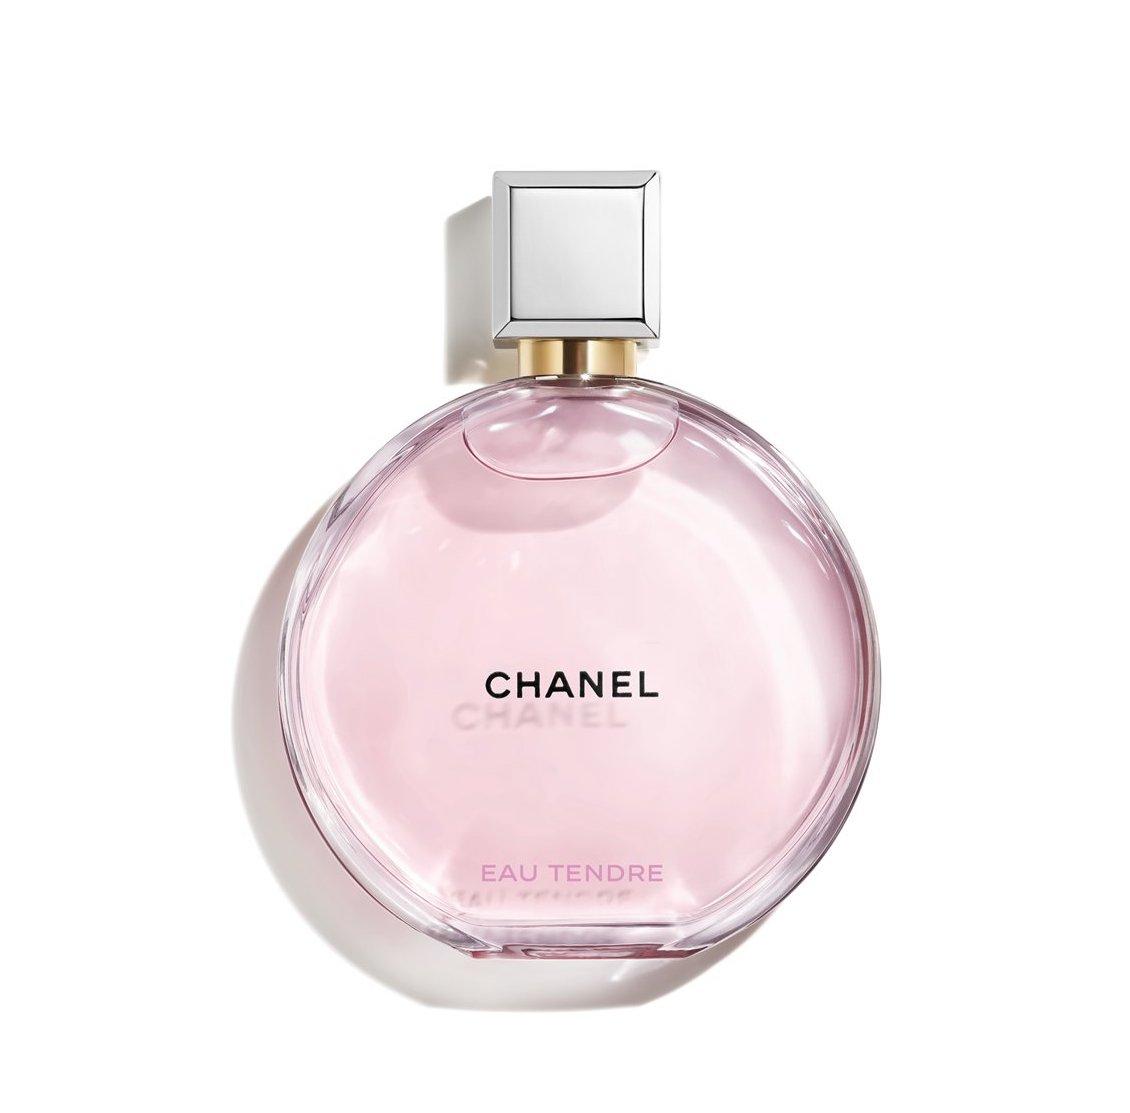 Saint-Valentin : nos parfums préférés pour le 14 février - 3